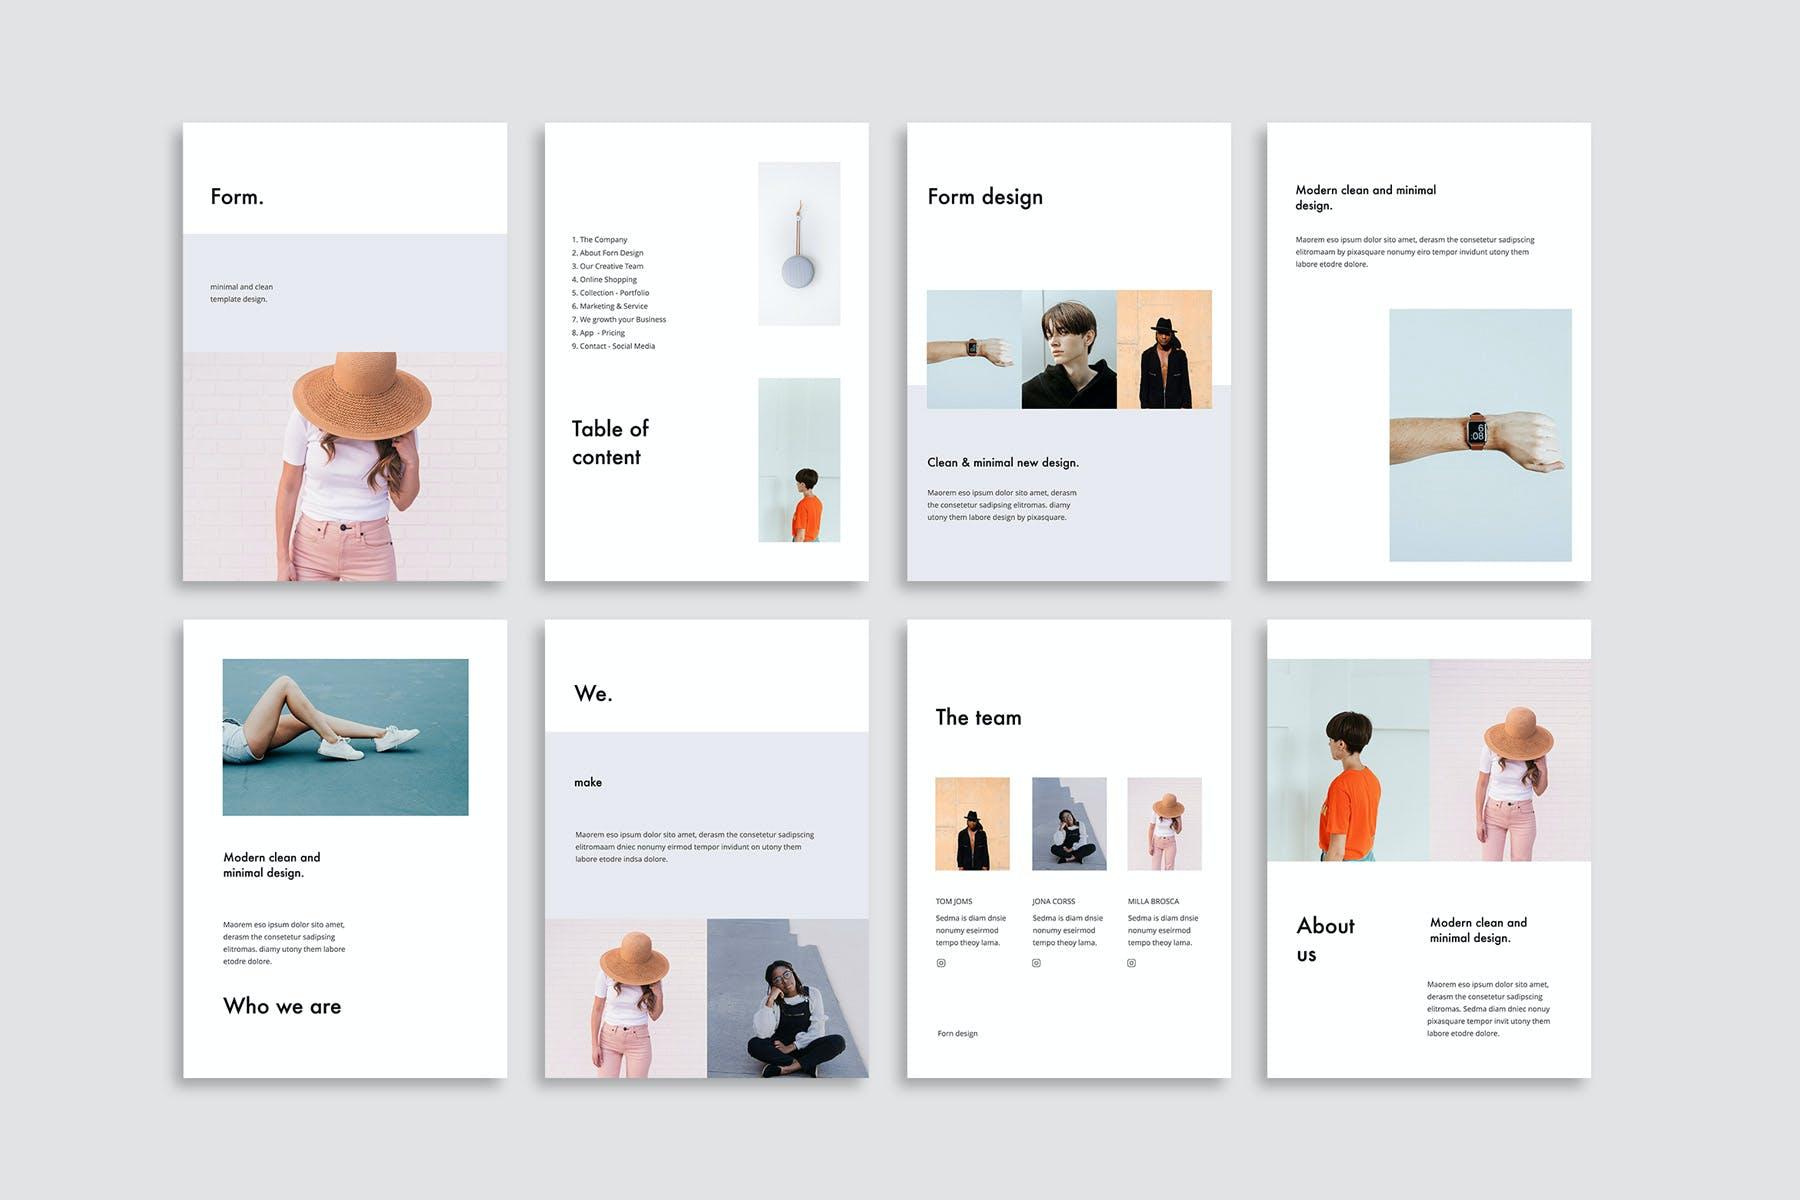 现代极简性冷淡风幻灯片演示模板优秀的风格PPT模板下载(PPTX) form-powerpoint-vertical-template-presentation